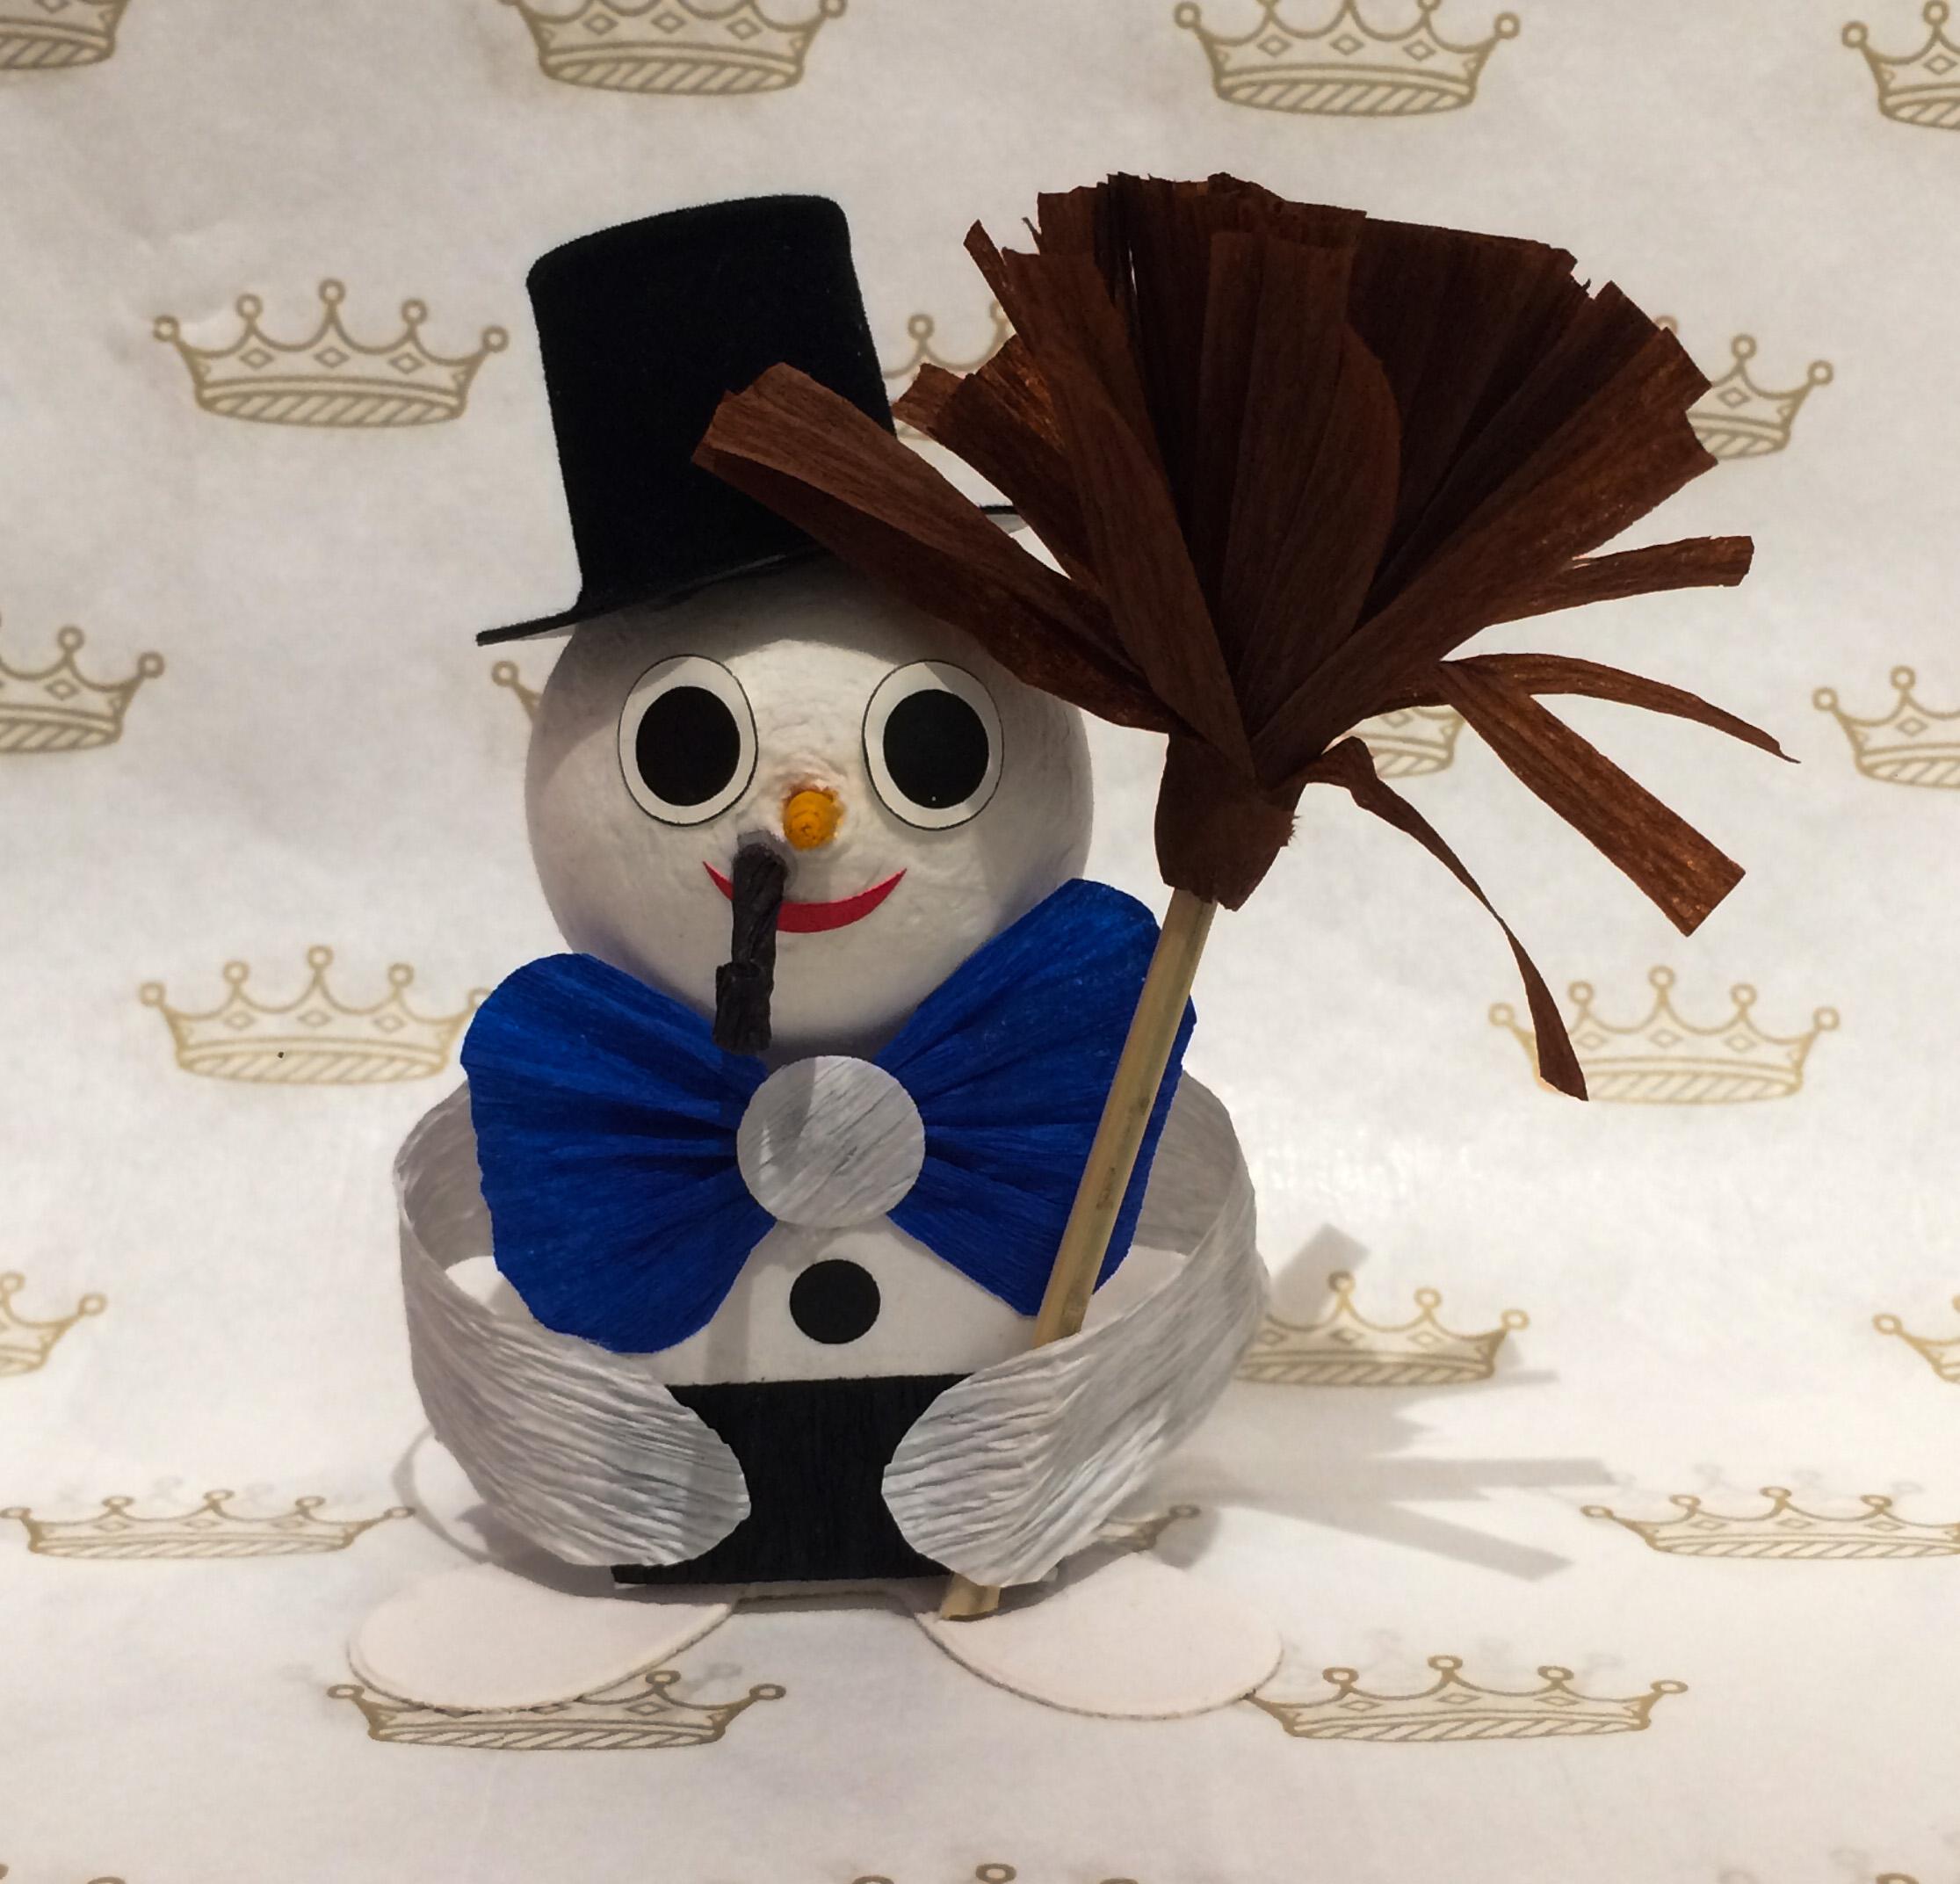 807a-snowman-1pc-.jpg